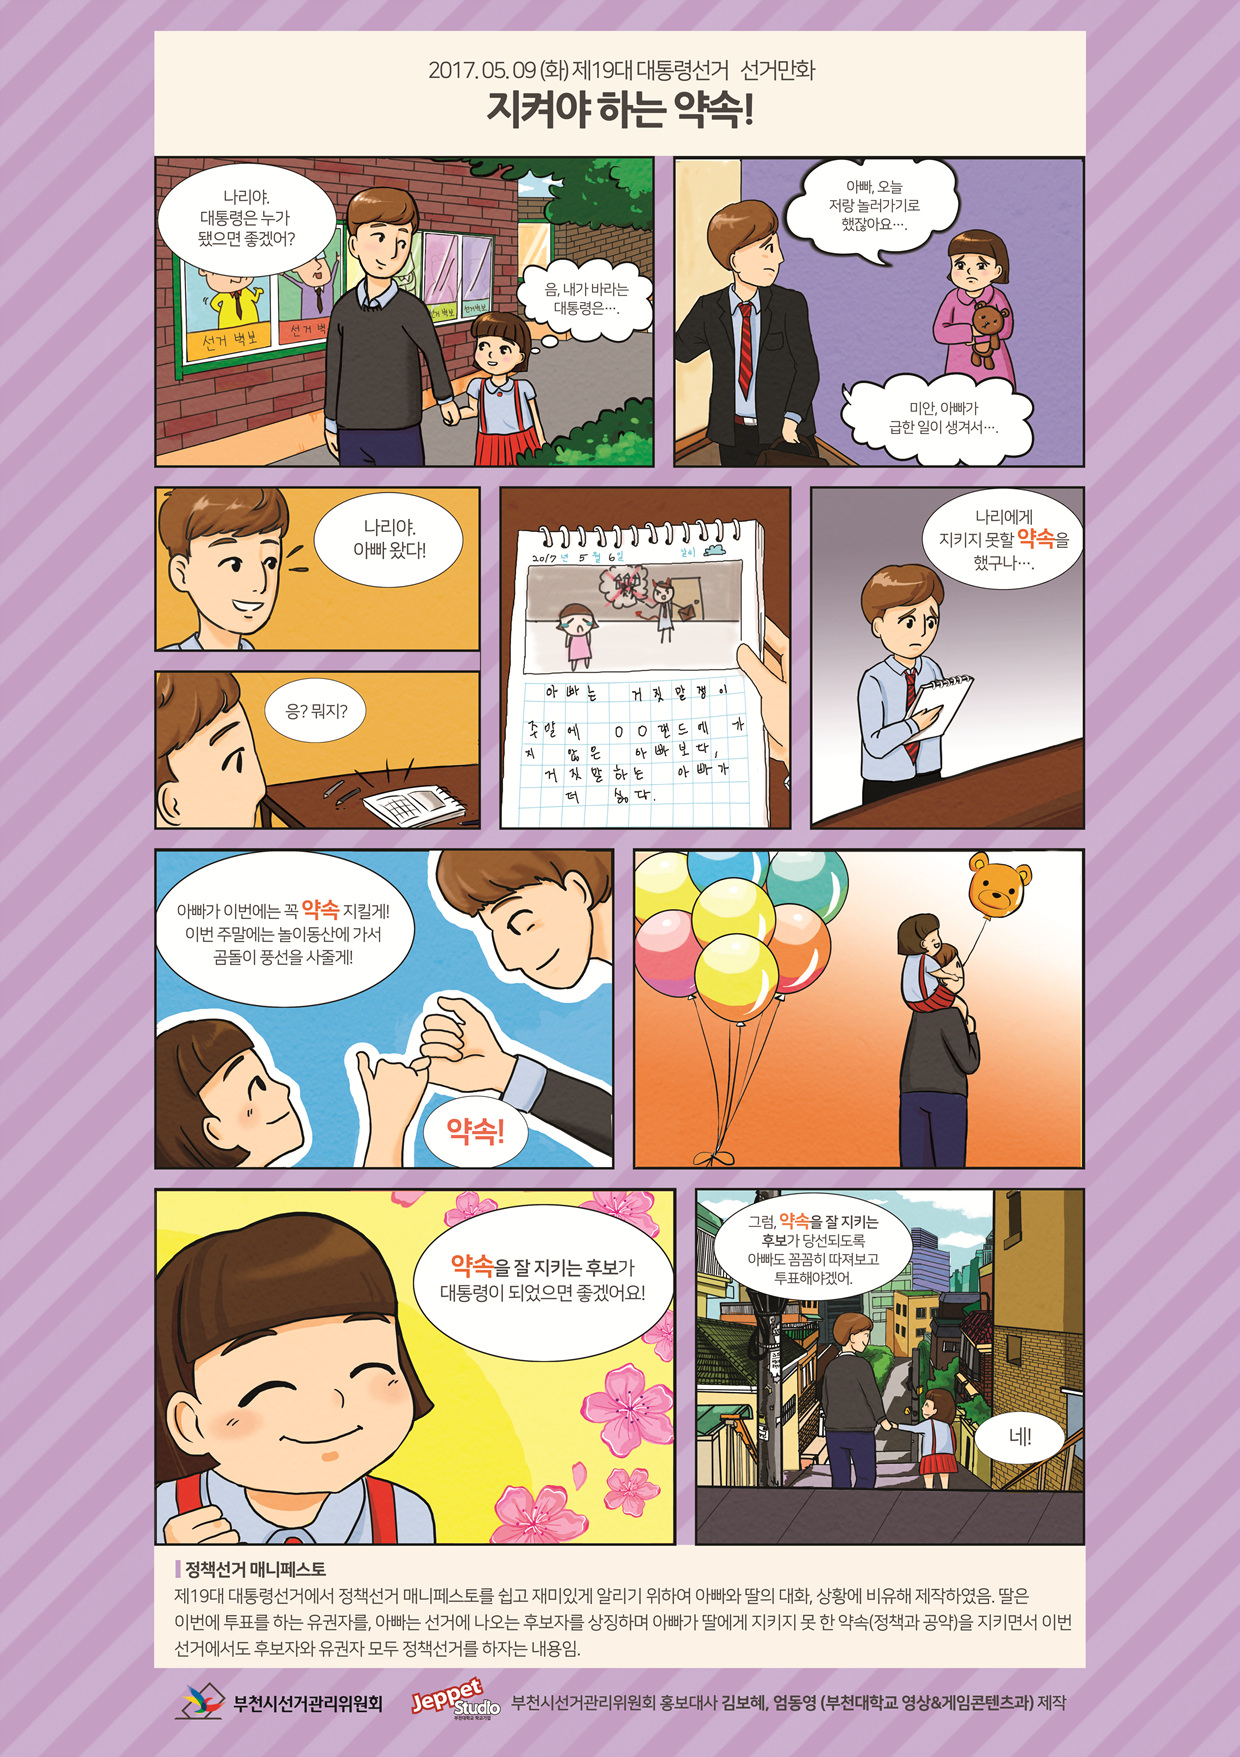 선거만화 2. 지켜야 하는 약속!